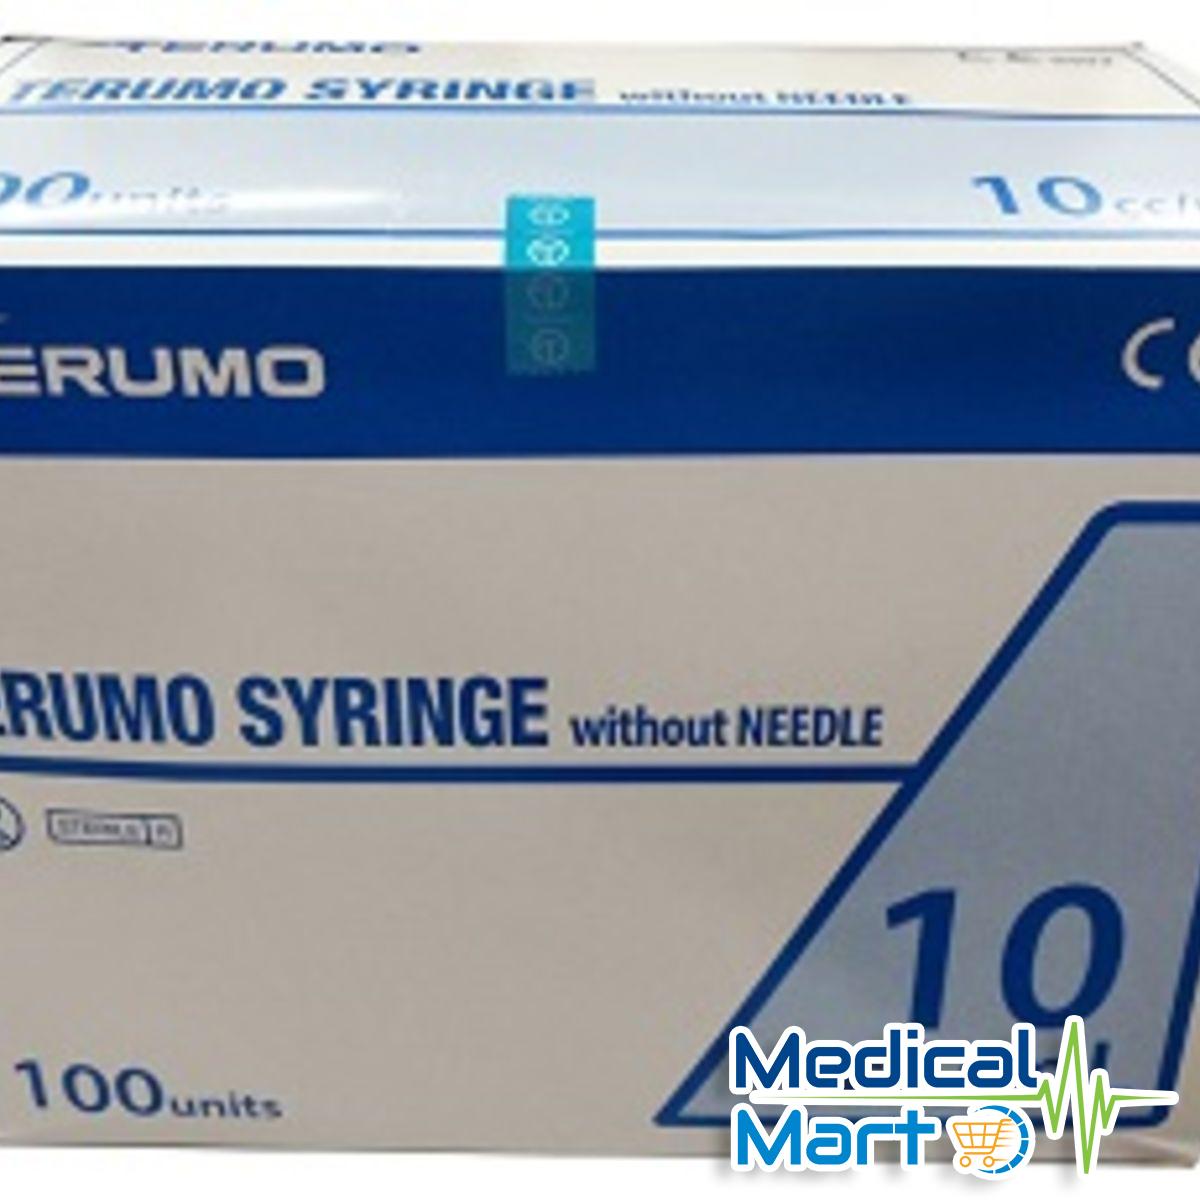 10ml Terumo Syringe Without Needle